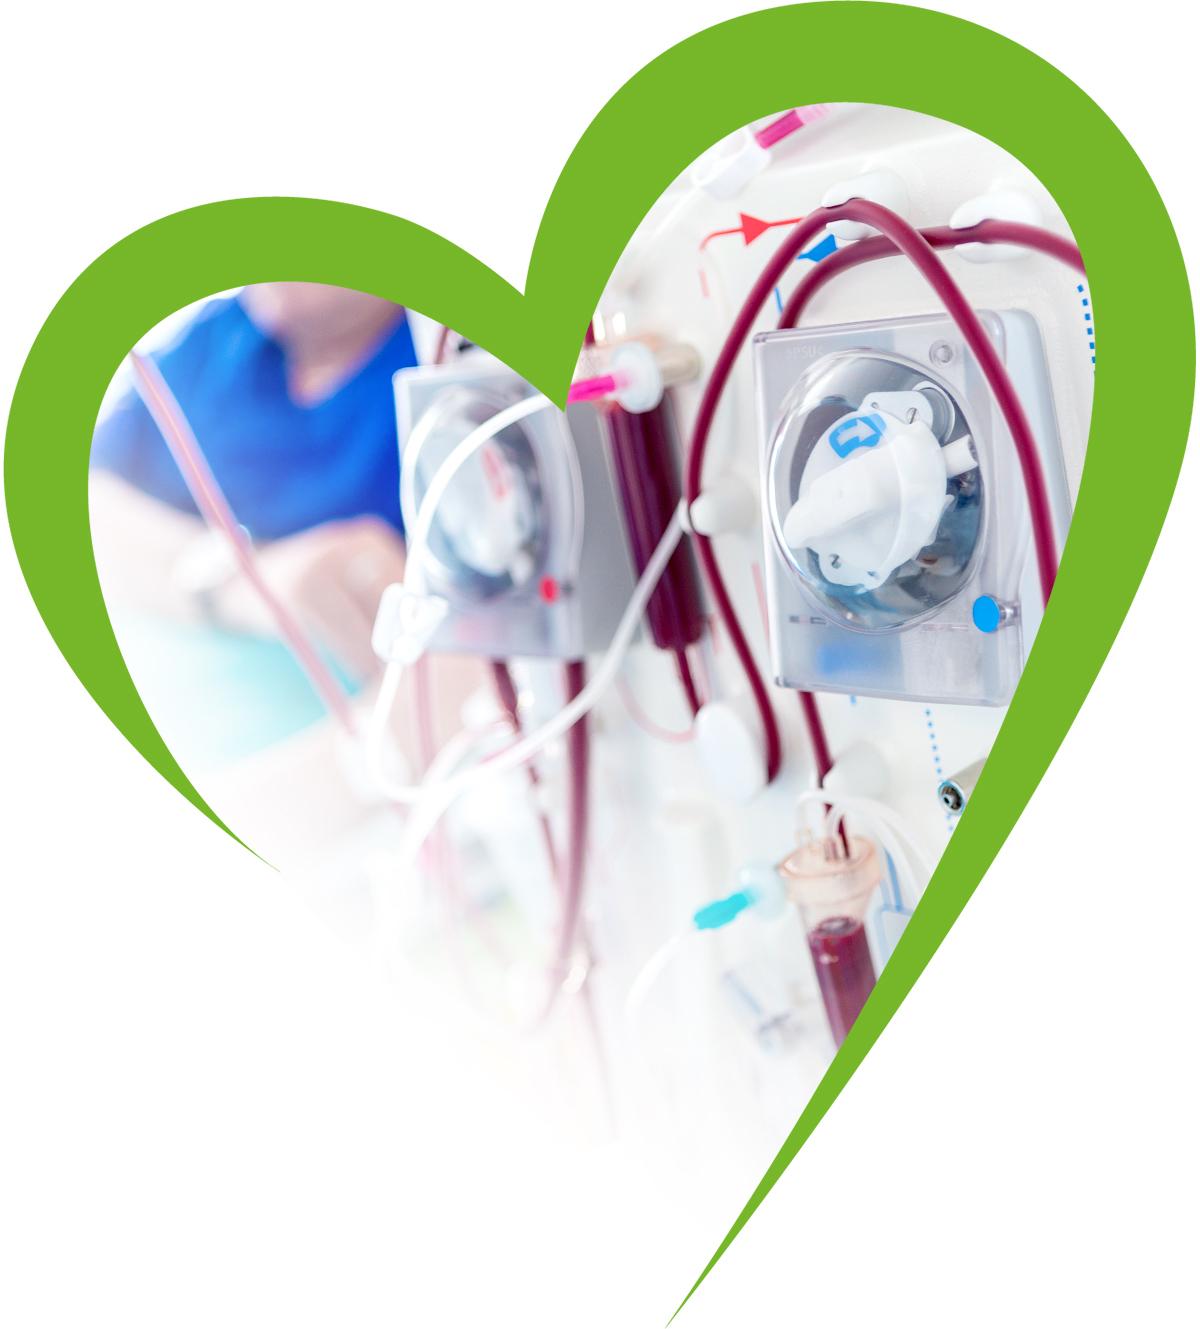 Pflegedienst Langenzenn: Pektus, Spezielle pflegerische Leistungen